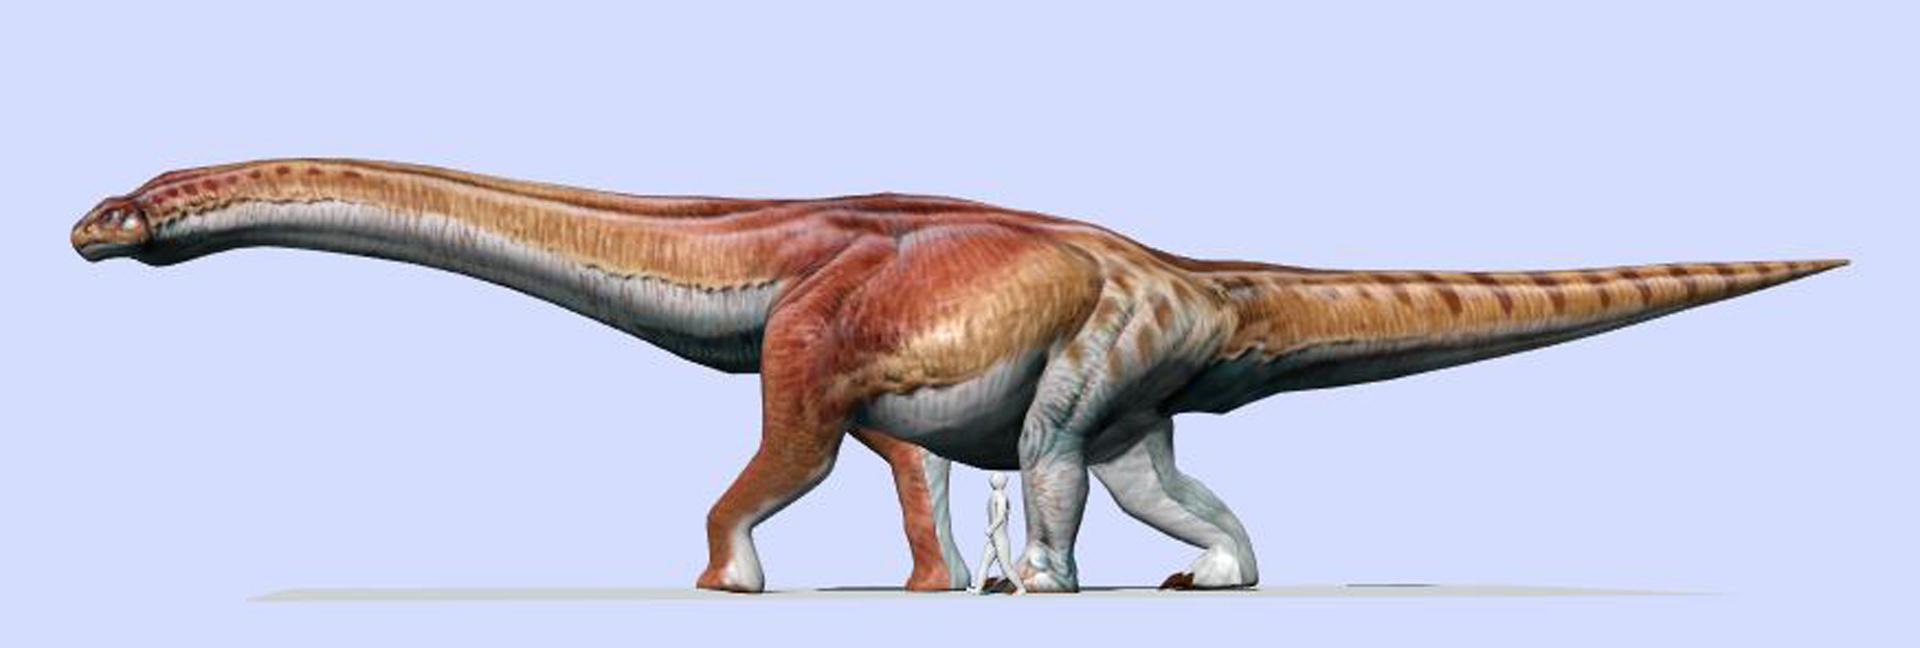 El Patagotitan mayorum, en comparación con el tamaño humano (MEF)